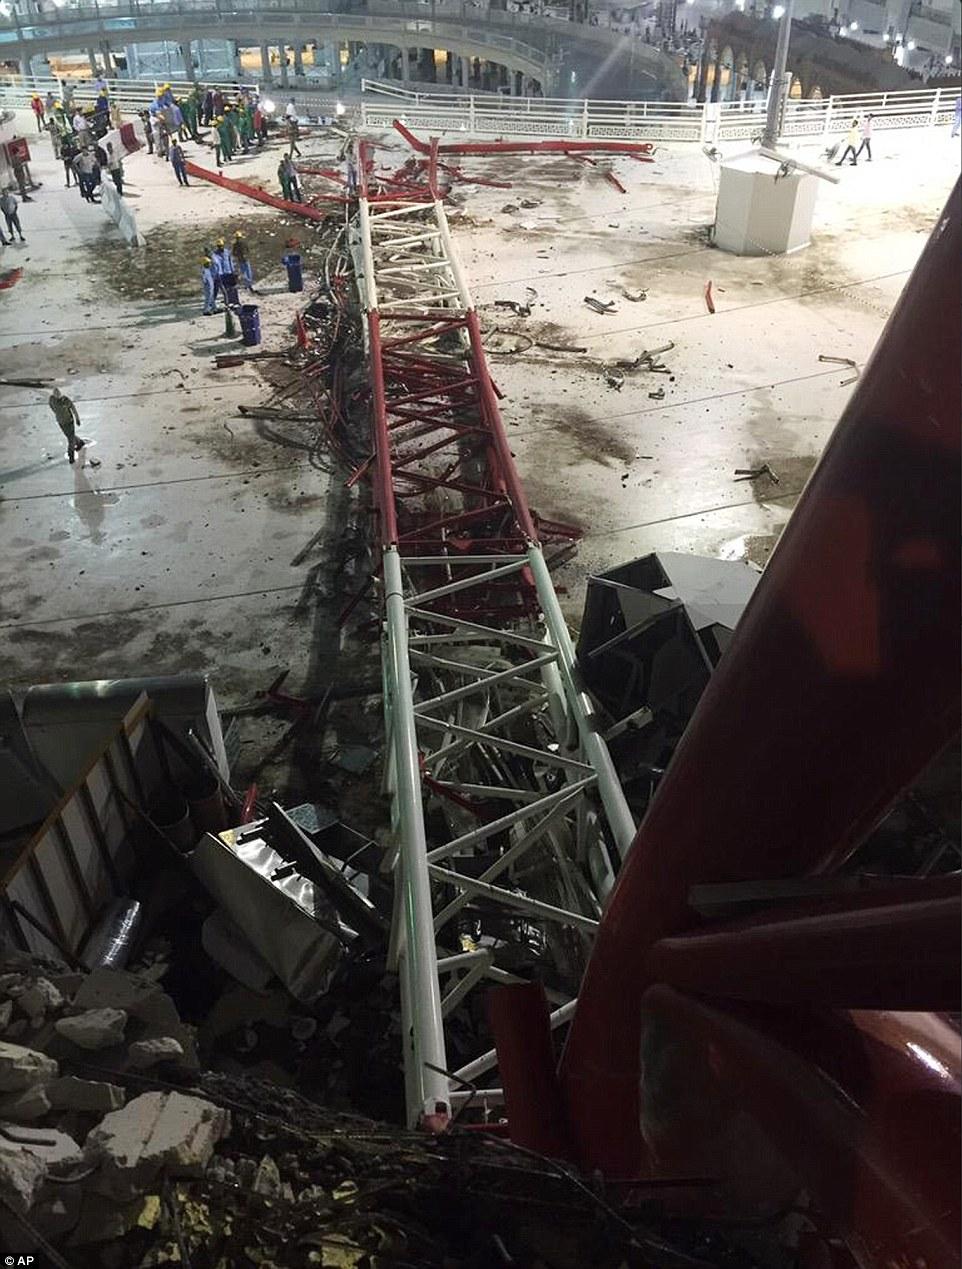 La grúa cayó en el lado este de la mezquita, con la sección superior de la estructura de estrellarse a través del un techo en el tercer piso